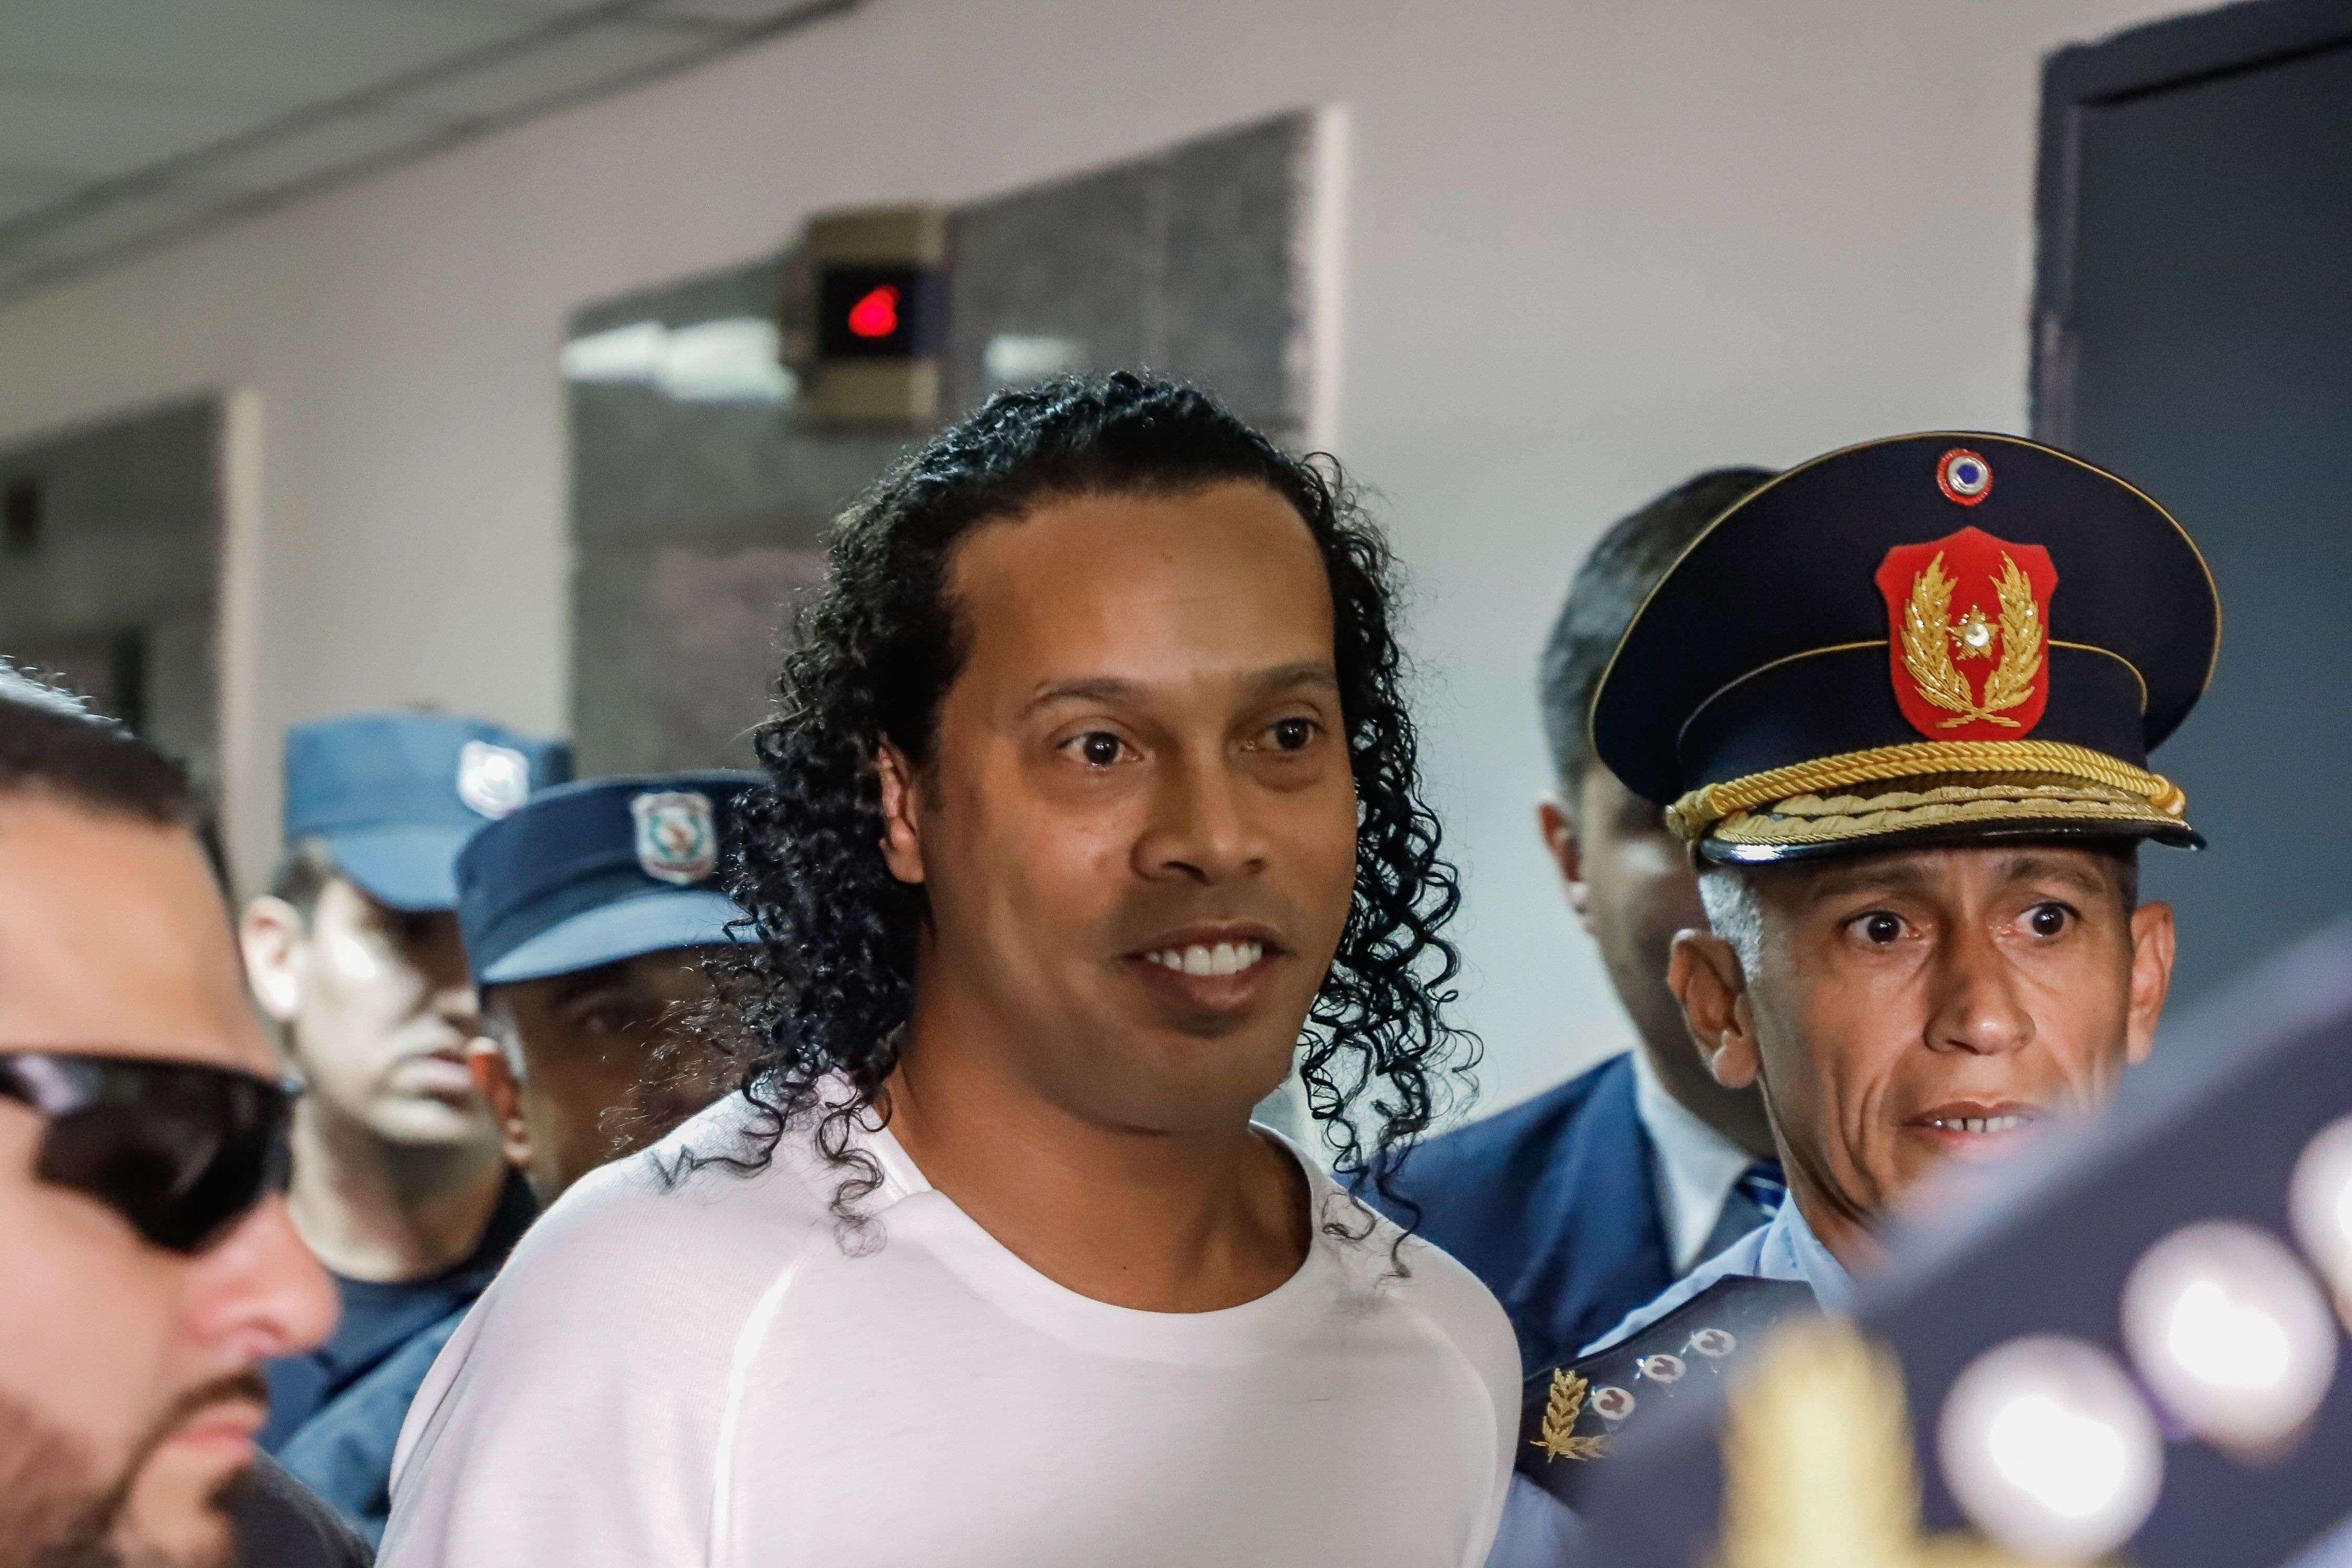 Ronaldo de Assis Moreira, Ronaldinho. Foto: EFE